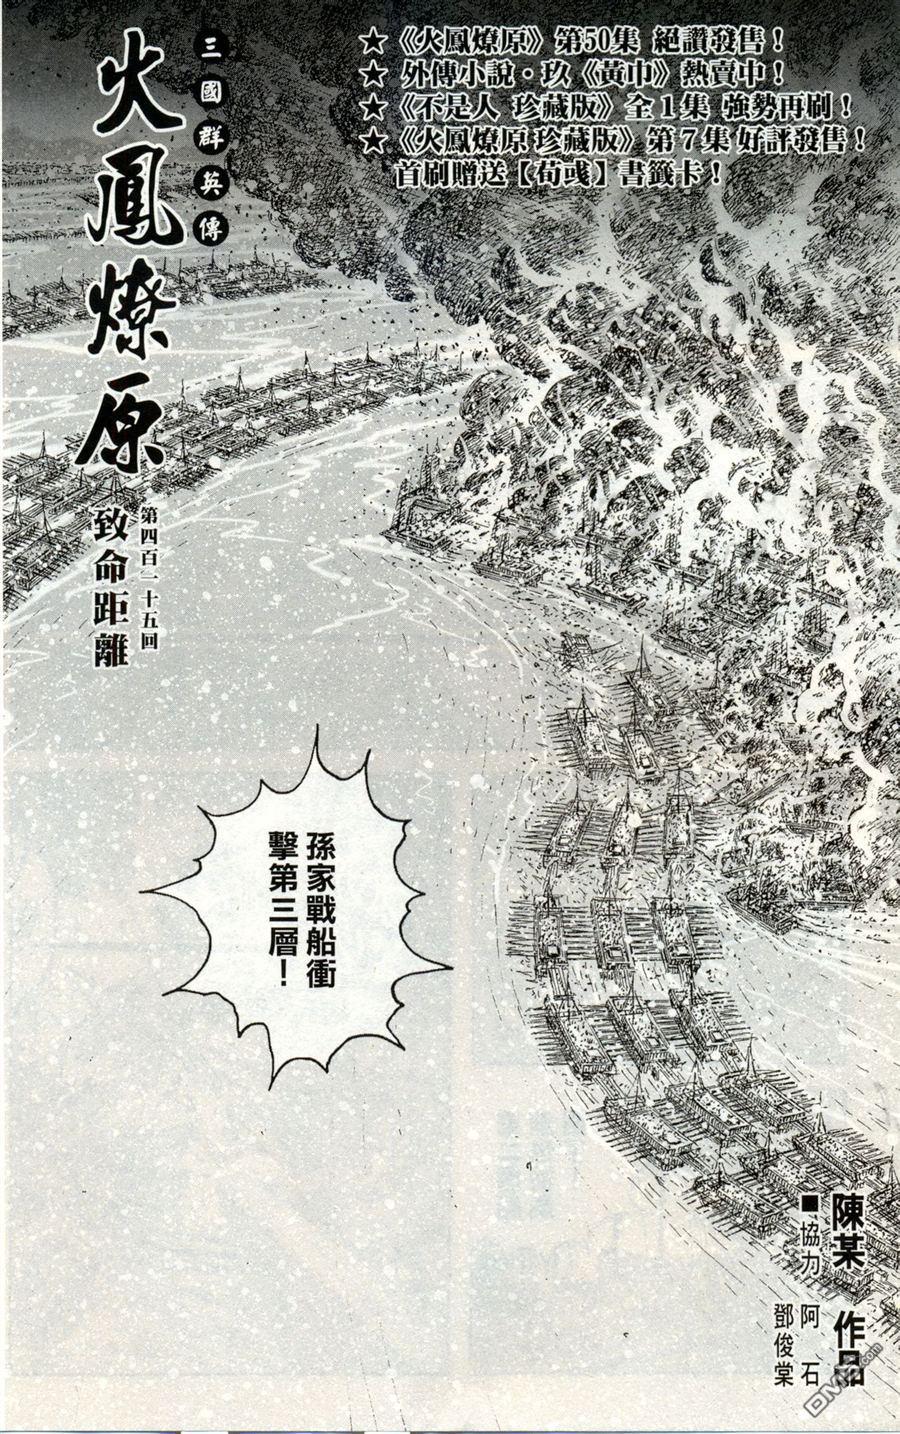 火鳳燎原漫畫火鳳燎原415話:致命距離(第1頁)劇情-二次元動漫